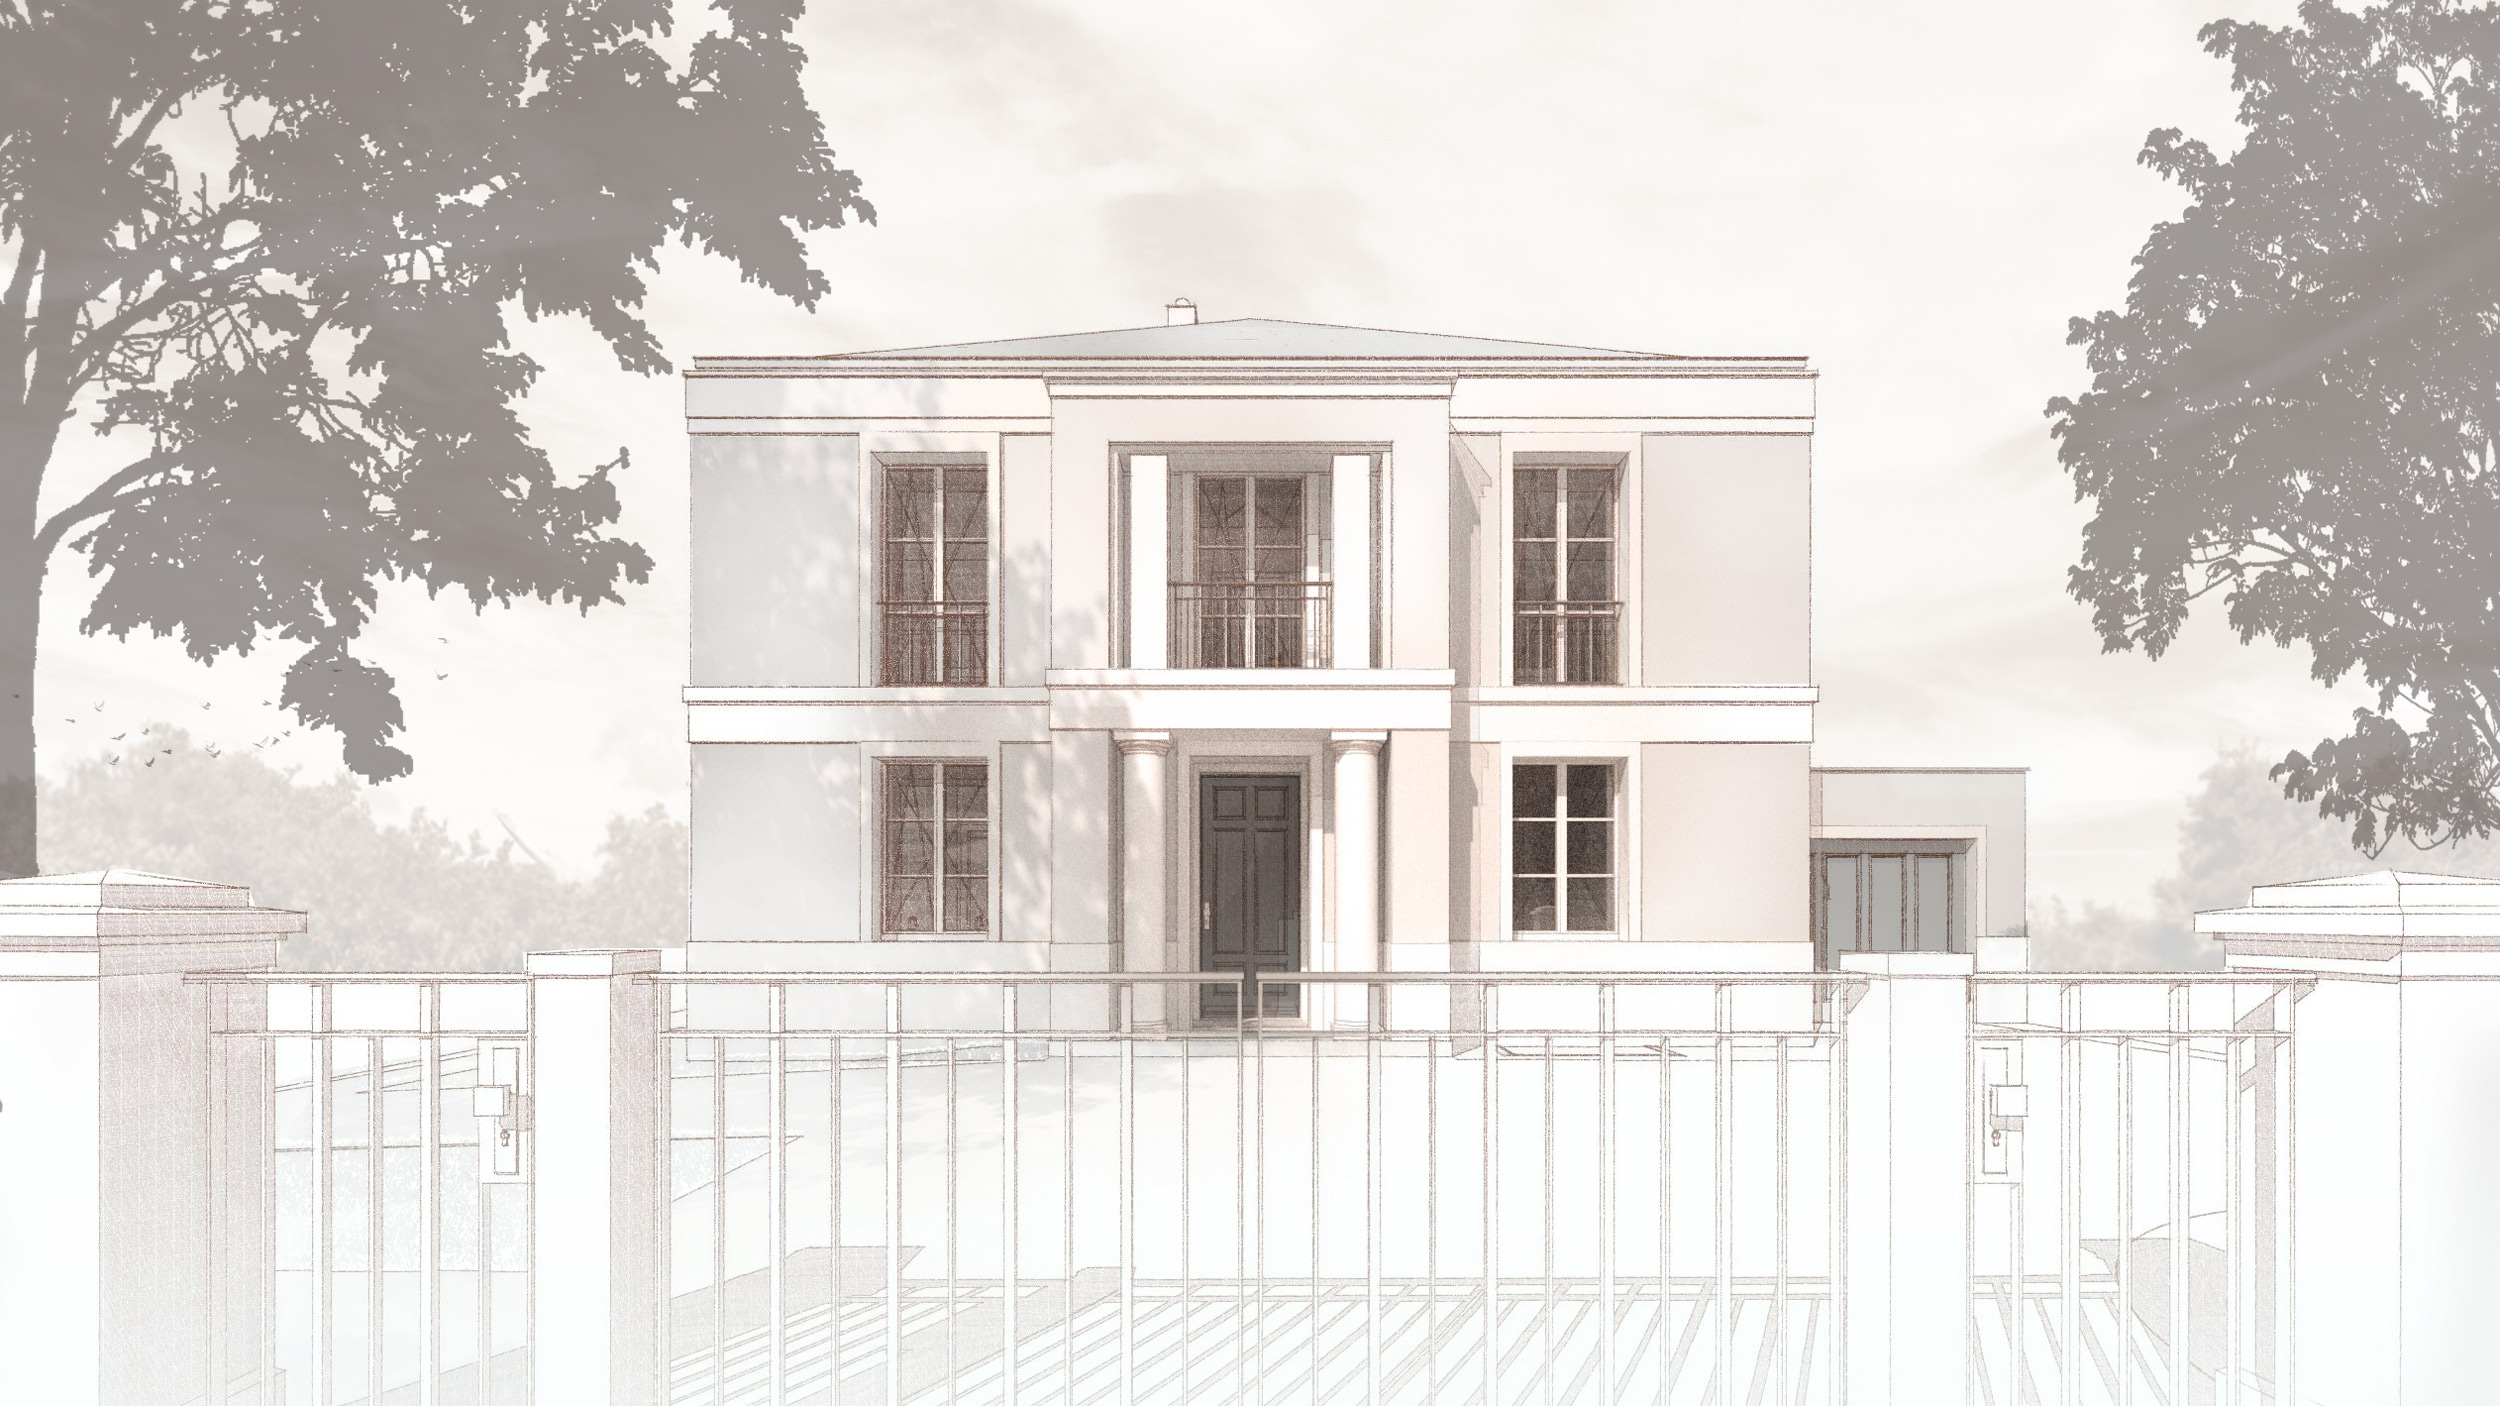 Realisierung eines Landhauses mit klassischer Prägung in Kleinmachnow - Das zweigeschossige Portal mit Porch und Balkon